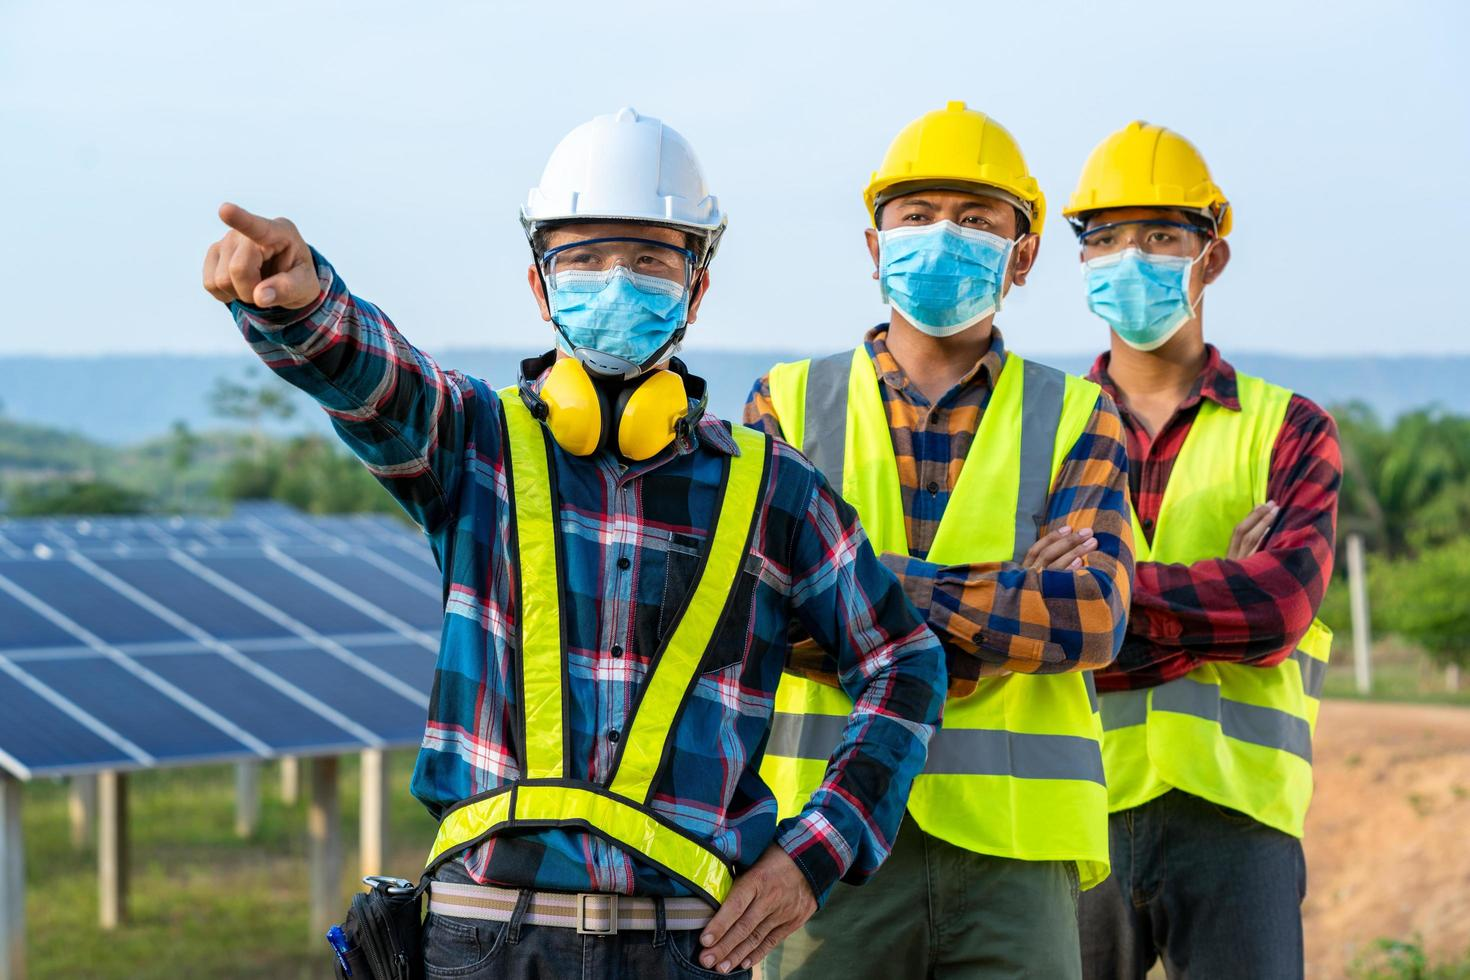 operai mascherati accanto al pannello solare foto